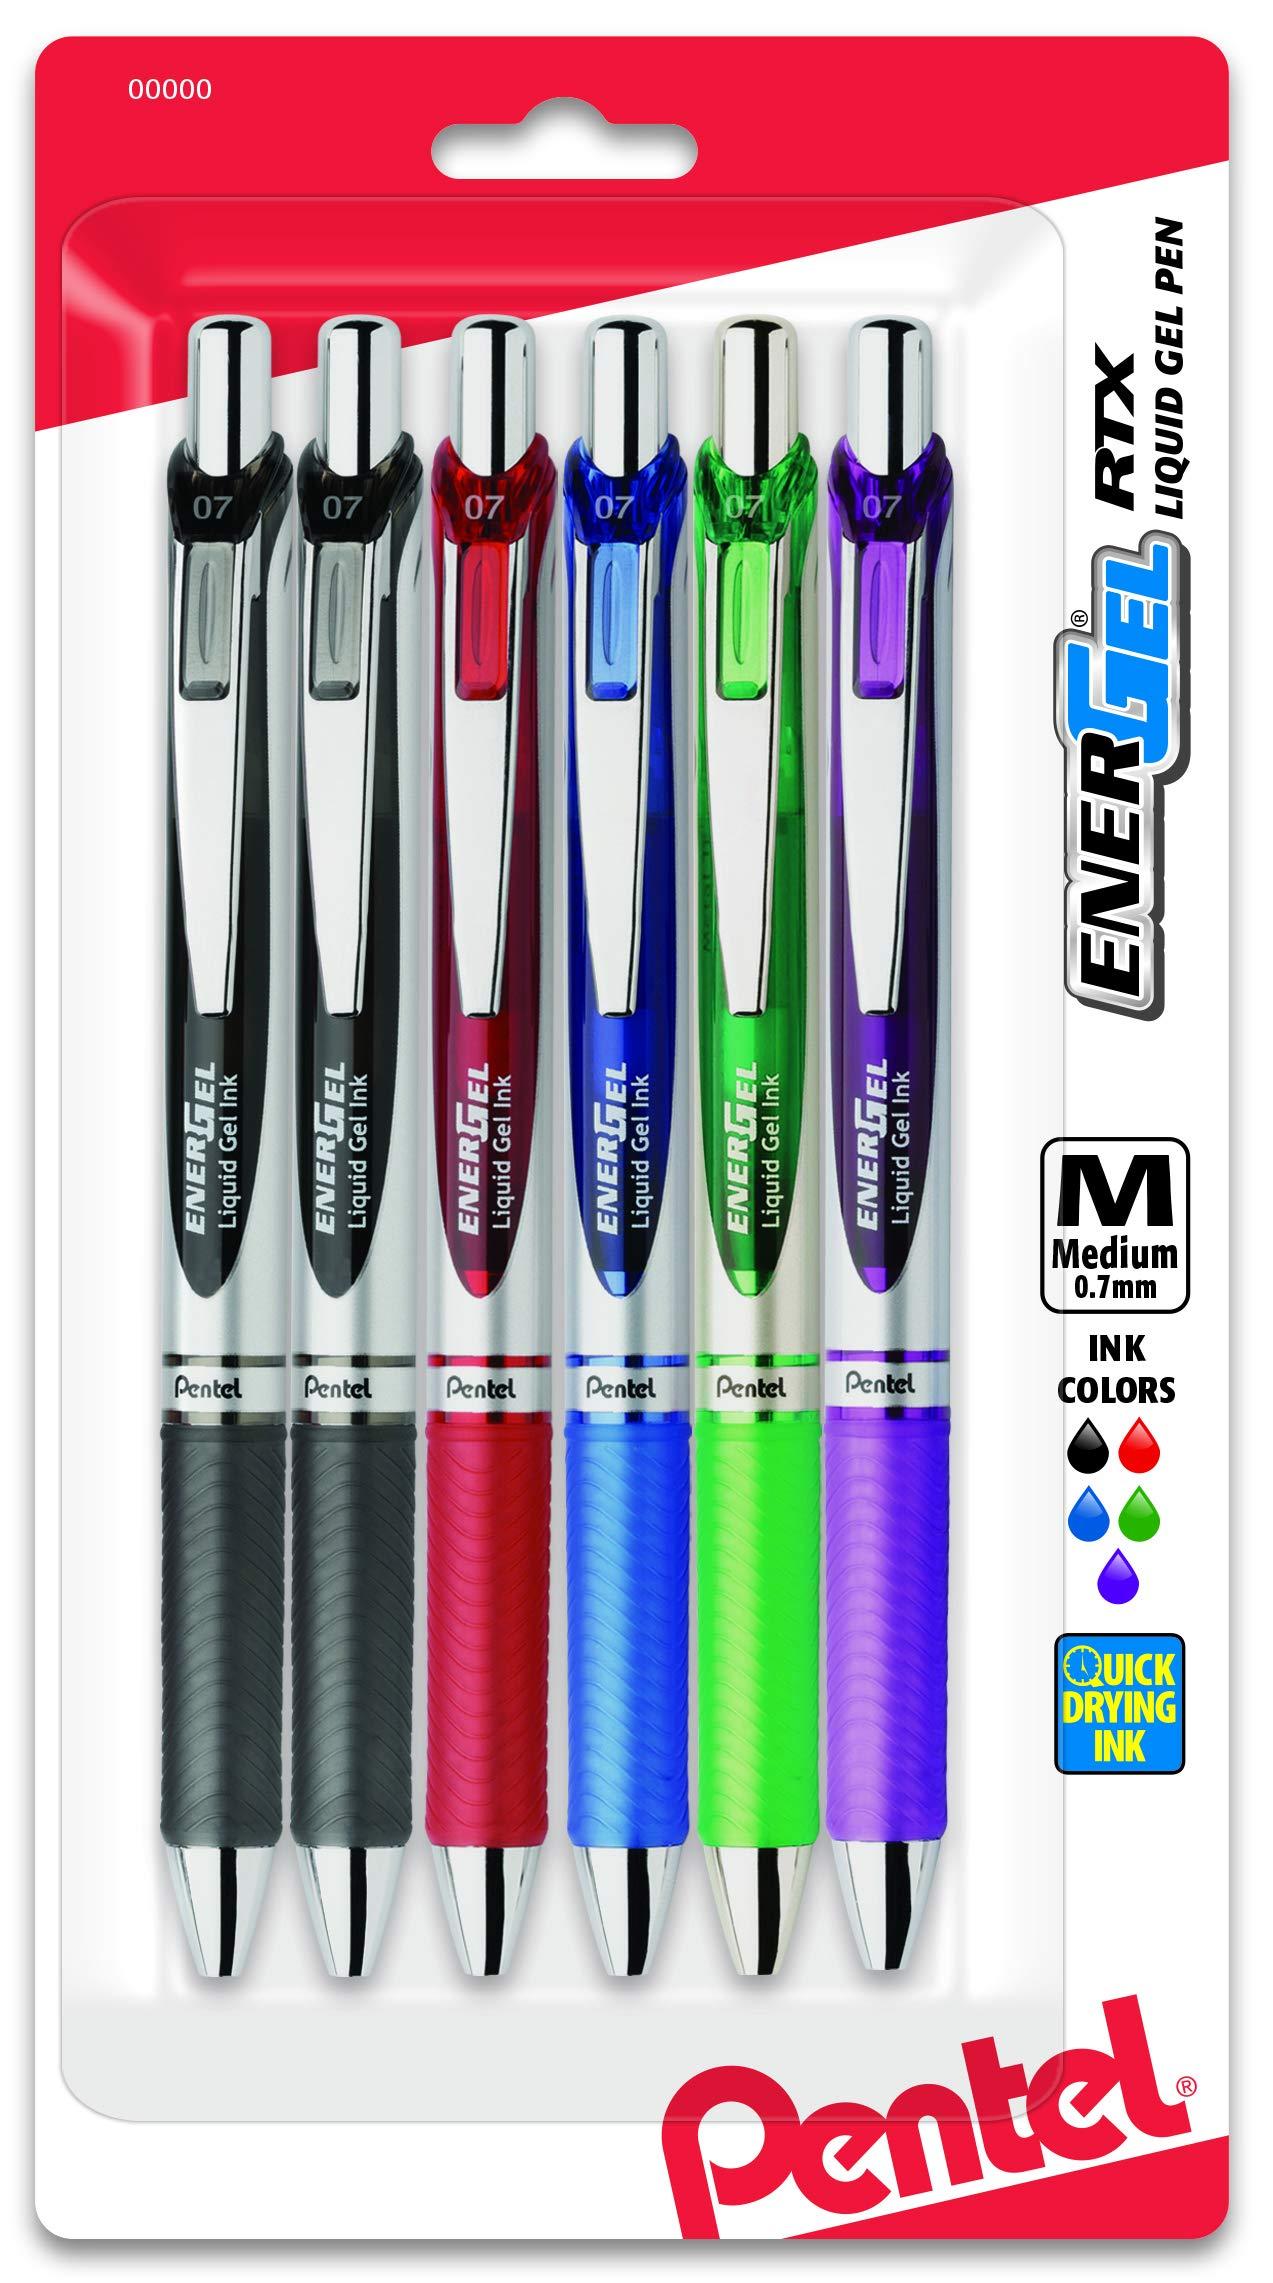 Pentel EnerGel Deluxe RTX Gel Ink Pens, 0.7 Millimeter Metal Tip, Assorted Colors,  6 Pack (BL77BP6M) by Pentel